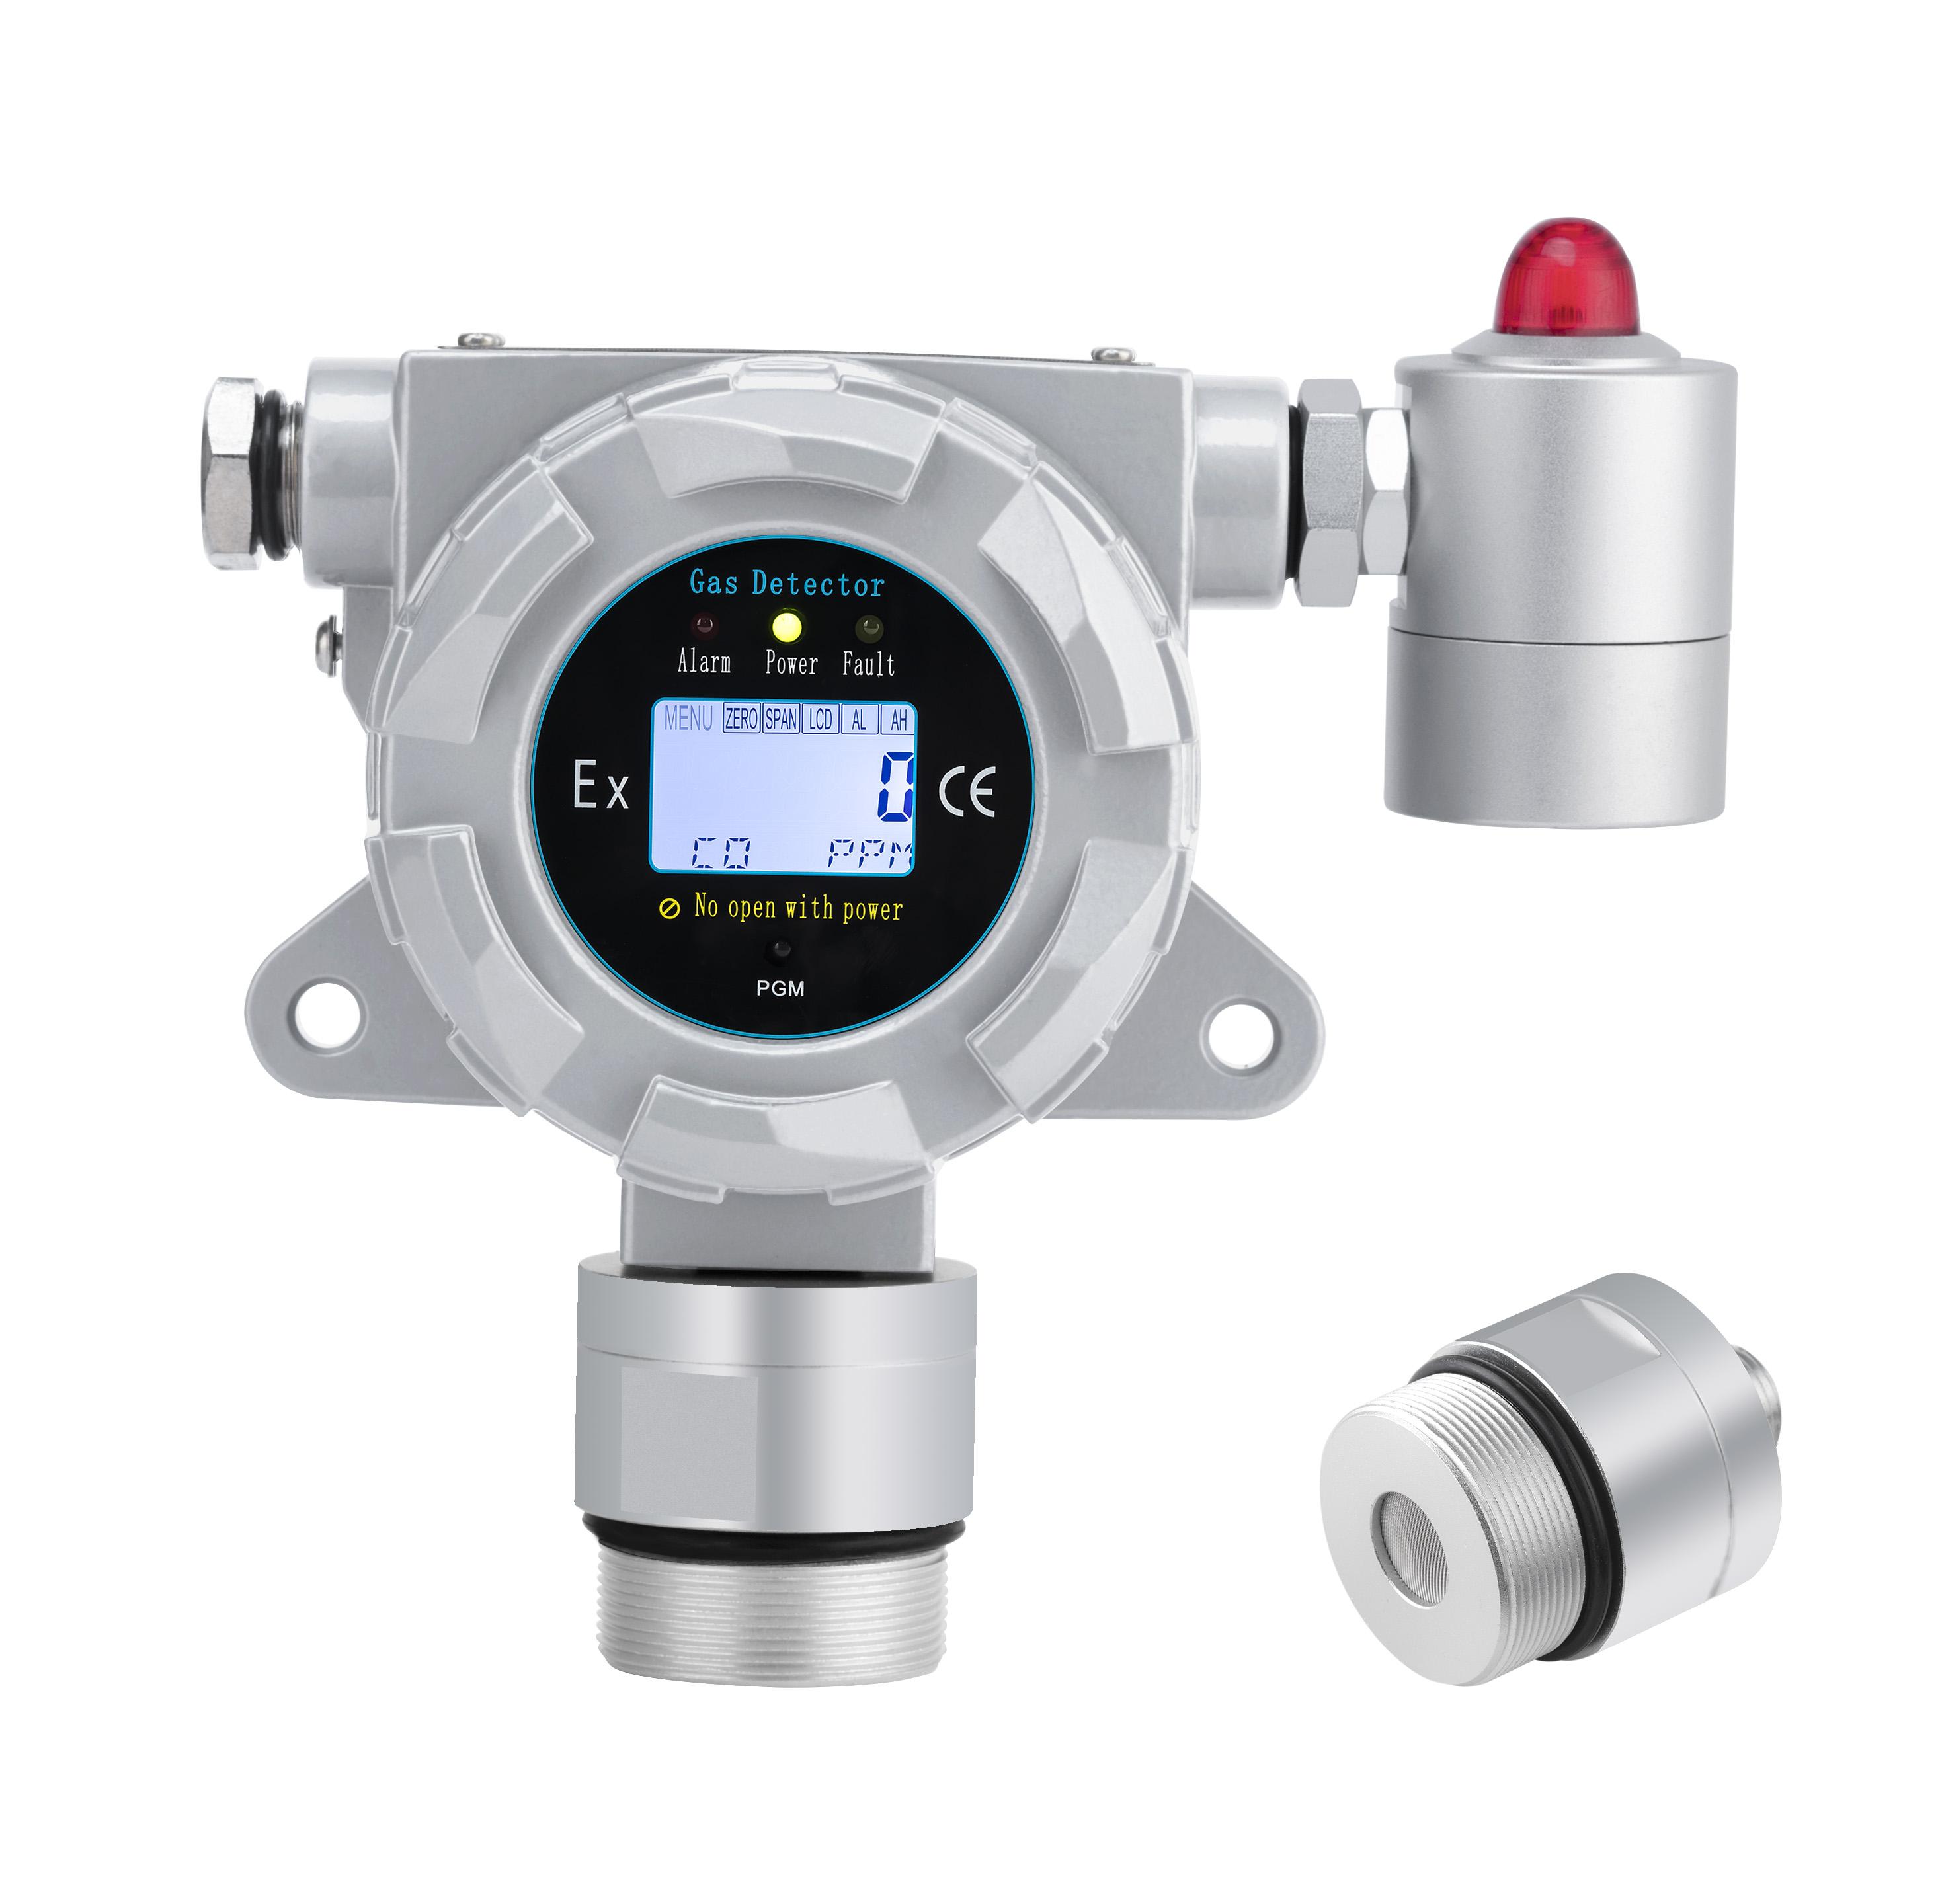 新款上市工业级防爆壁挂式碳酸二甲脂报警器碳酸二甲脂检测仪2019热销